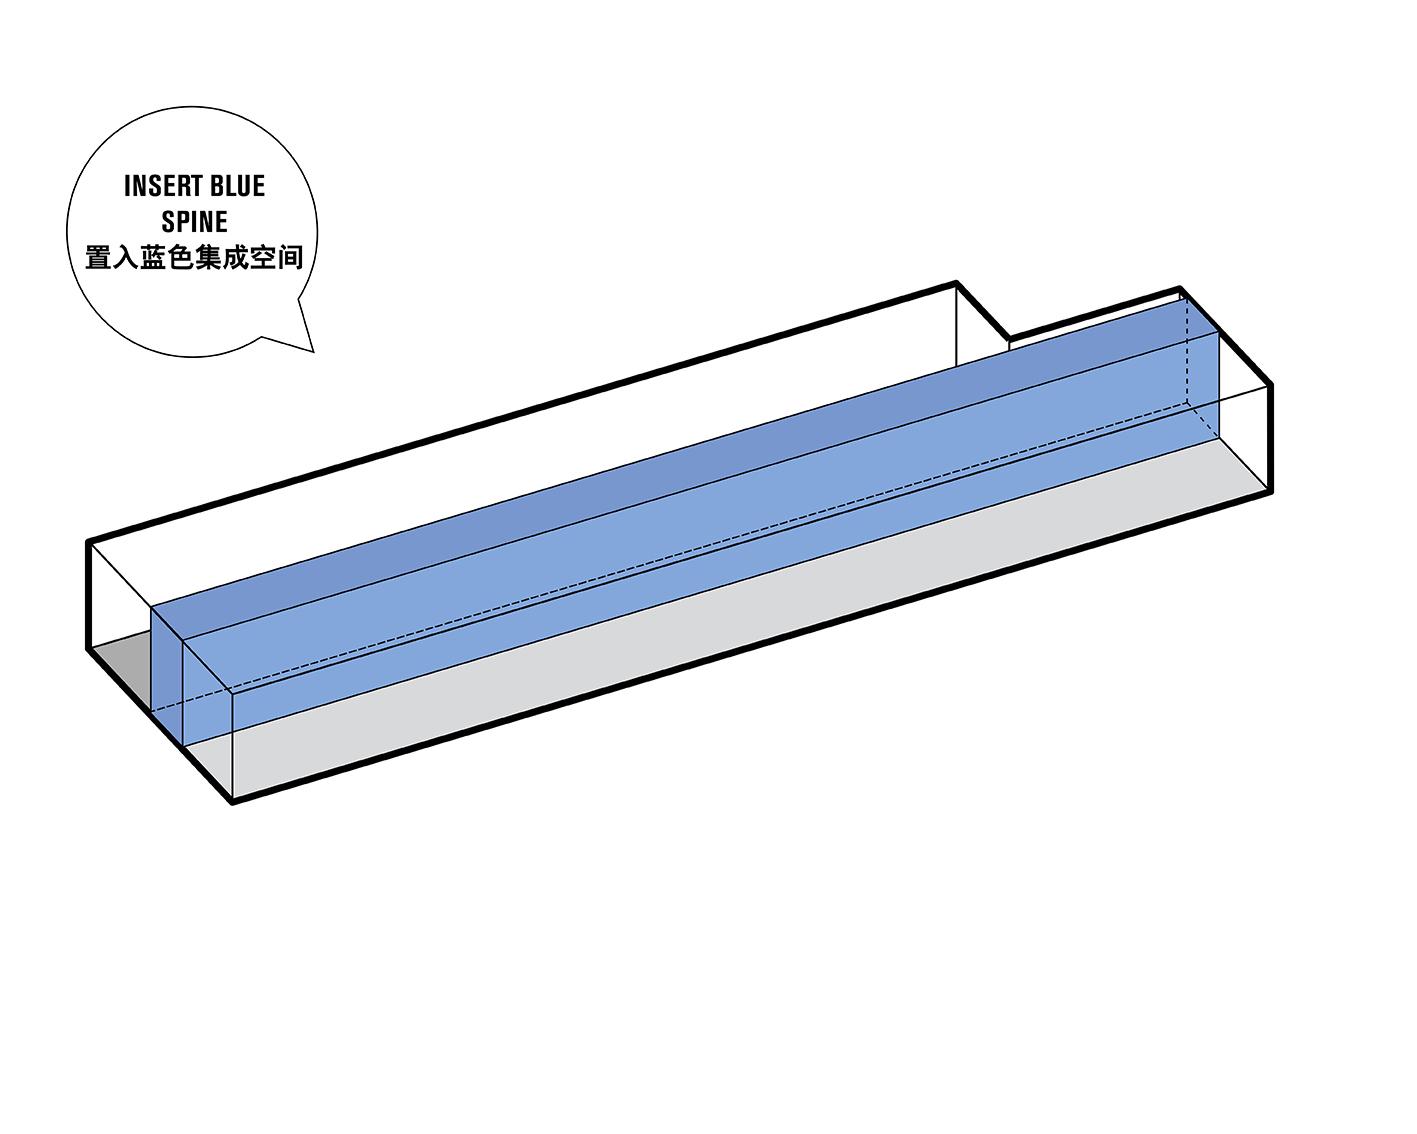 Qkids - space organisation - insert blue spine Crossboundaries}